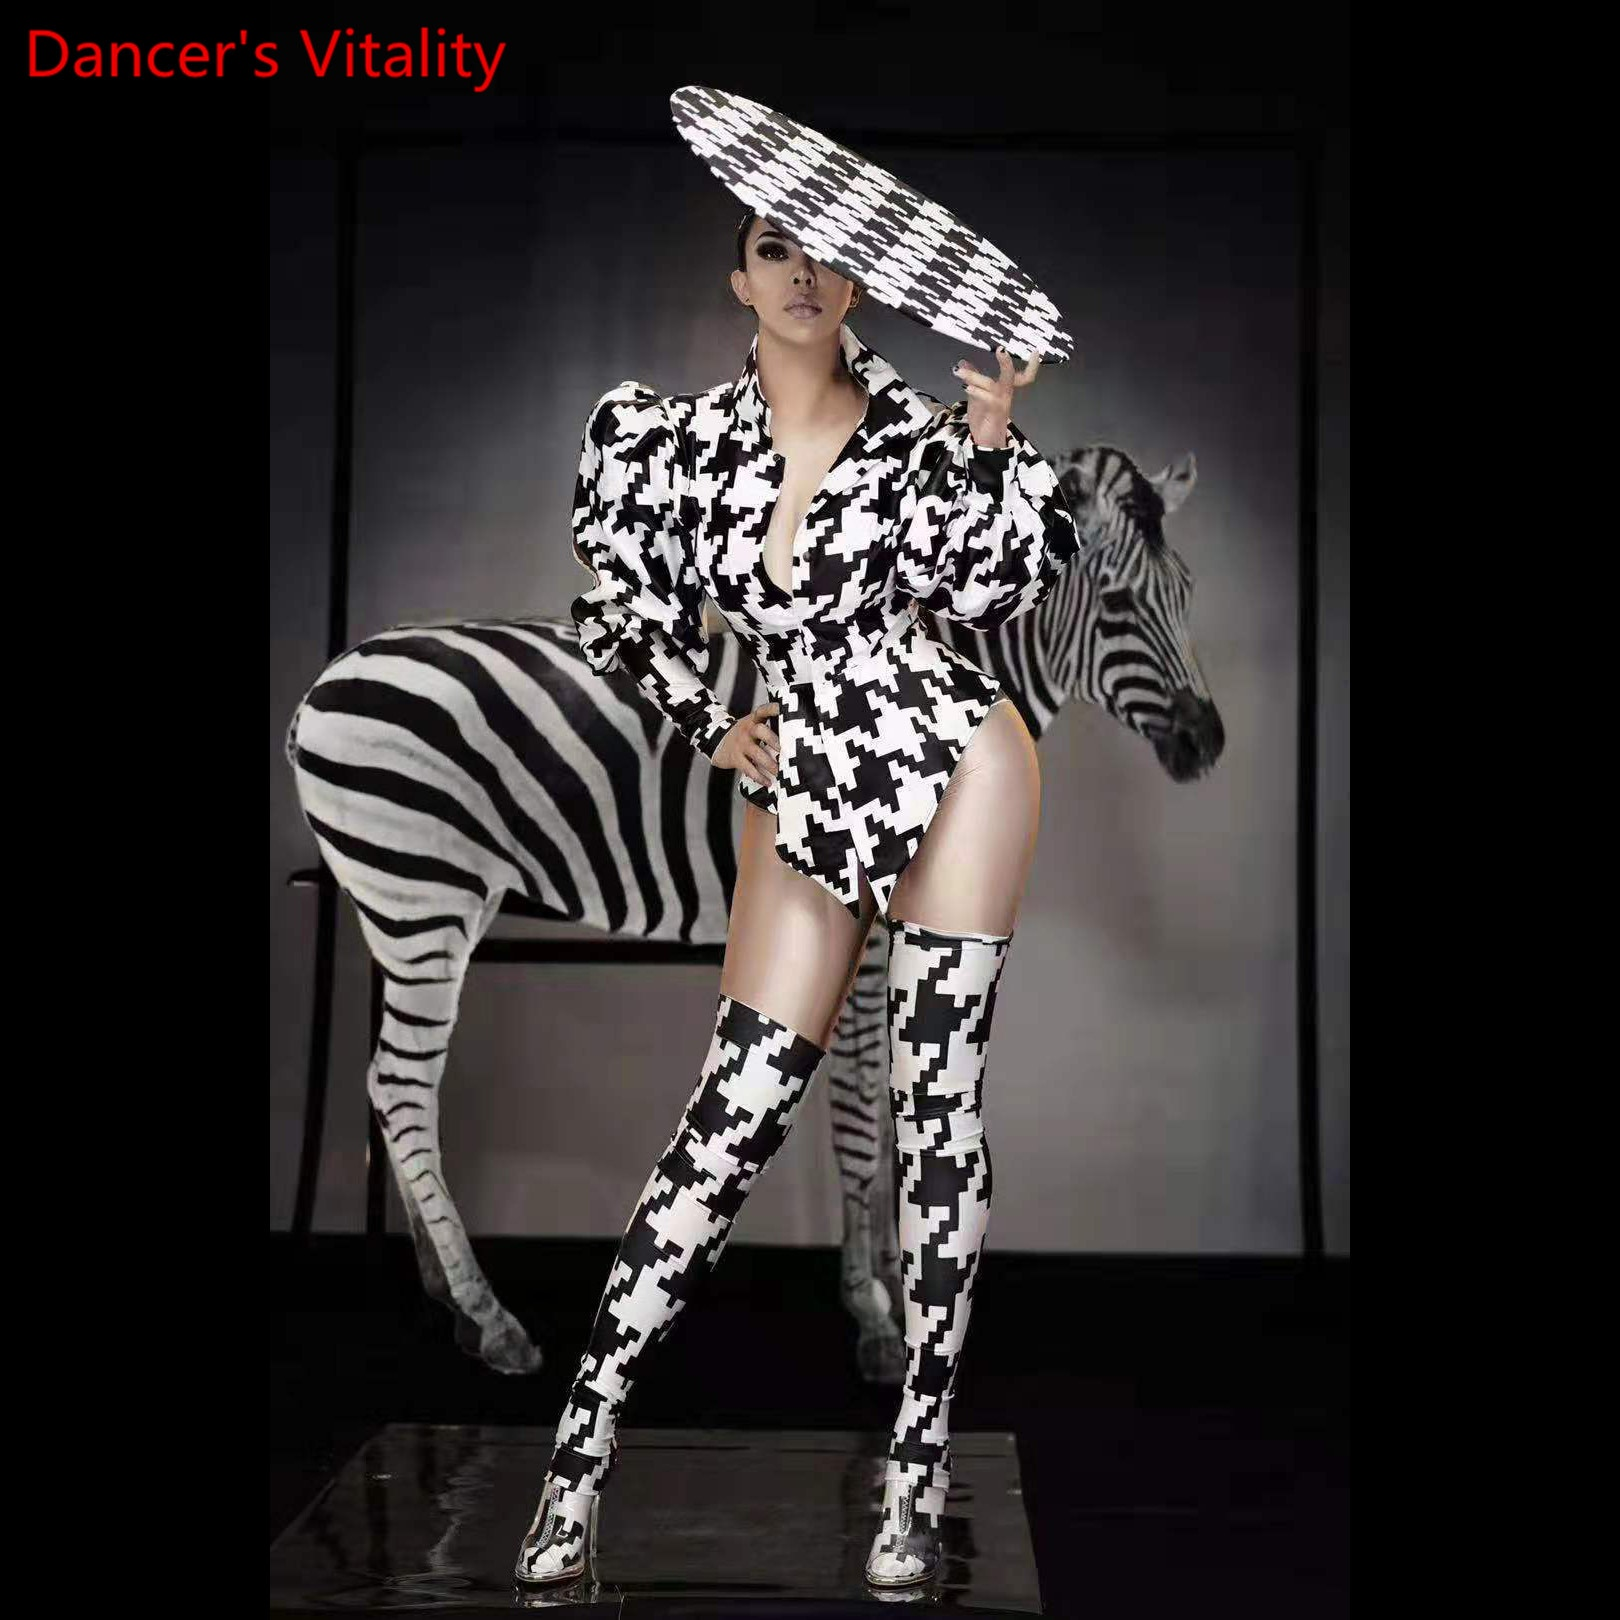 Sur pôle douverture de Festival moderne, Jazz Disco, chanteuse avec impression de rayures du zèbre, justaucorps, vêtements de scène, vêtements de performance